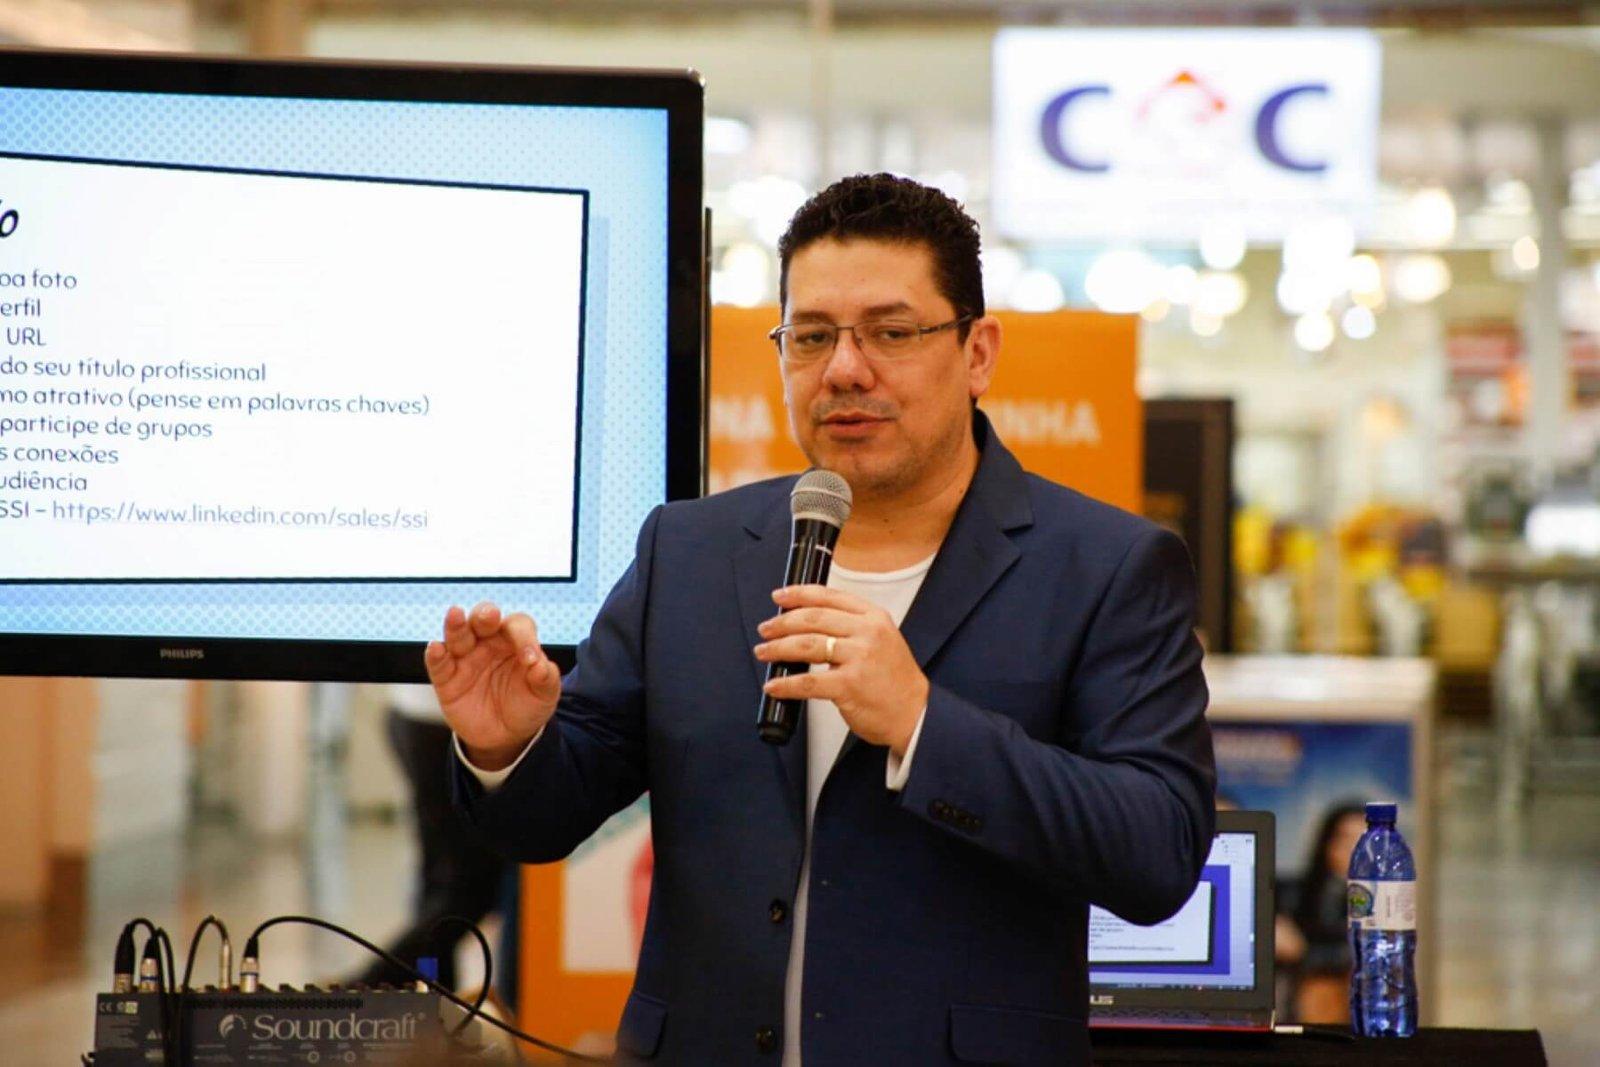 palestra linkedin para negócios e carreiras